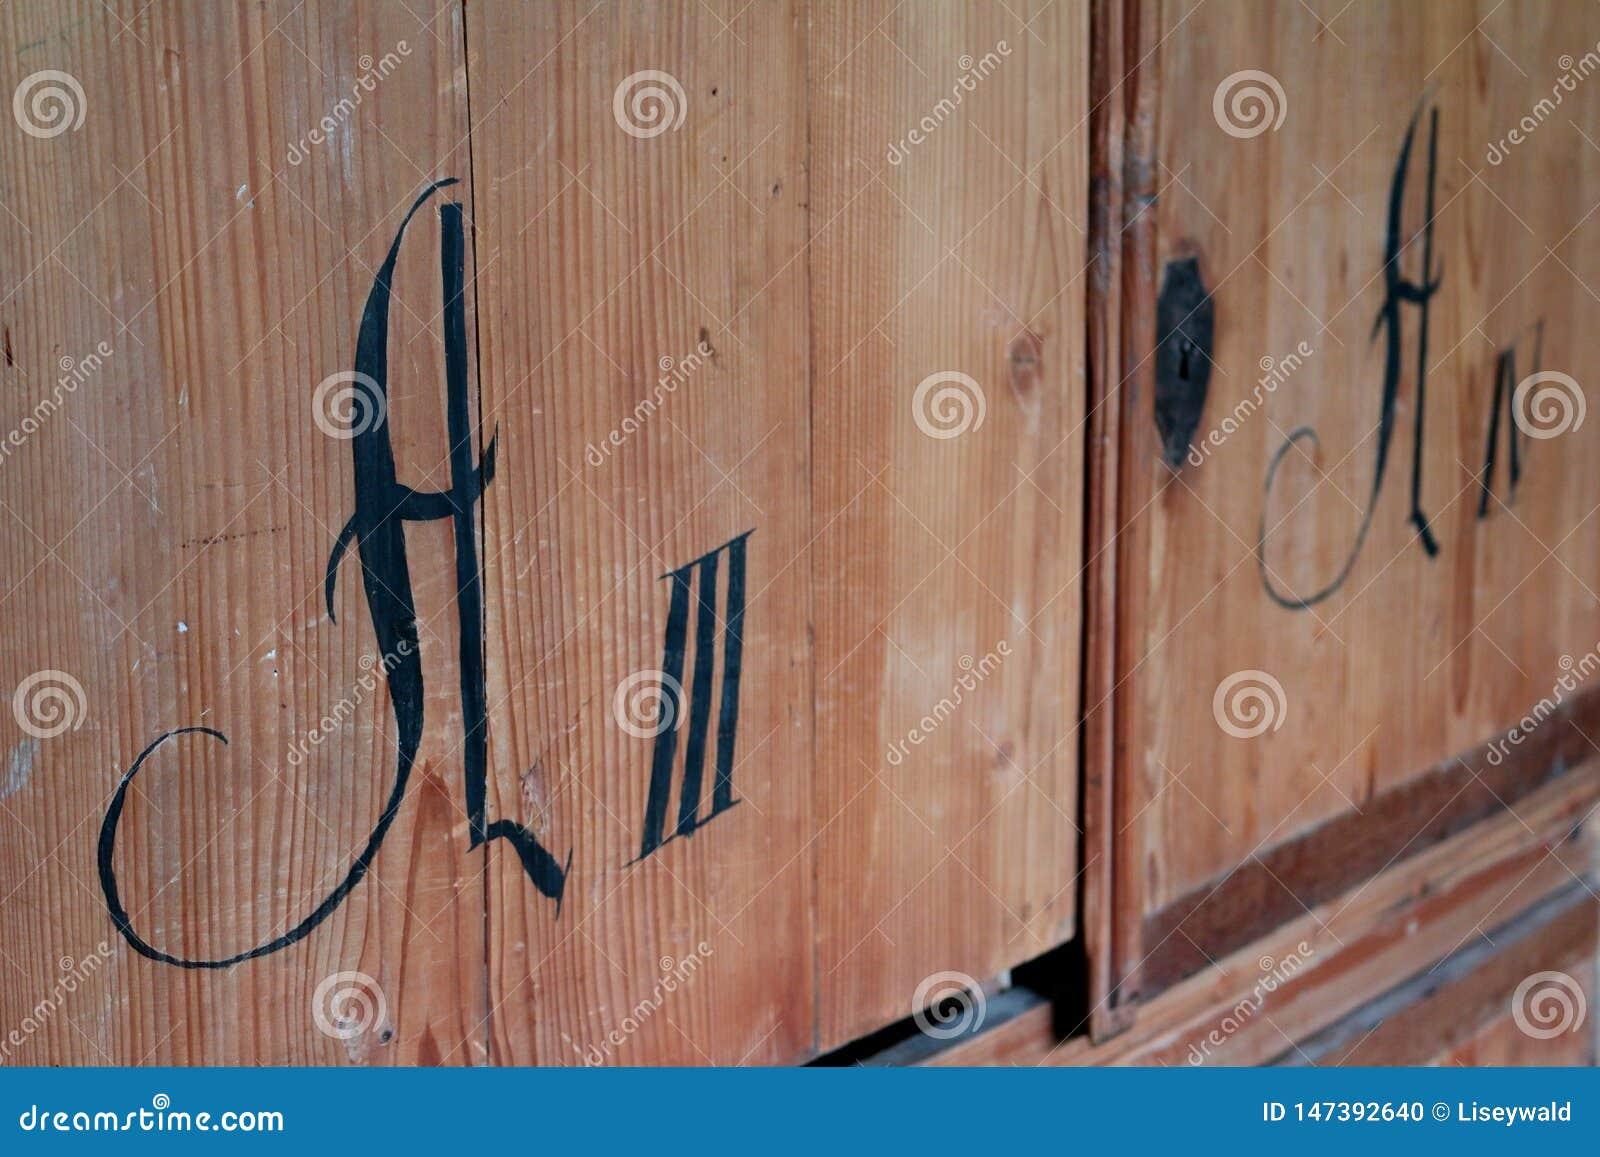 Cajón de madera de un armario antiguo con las letras latinas negras y los números romanos